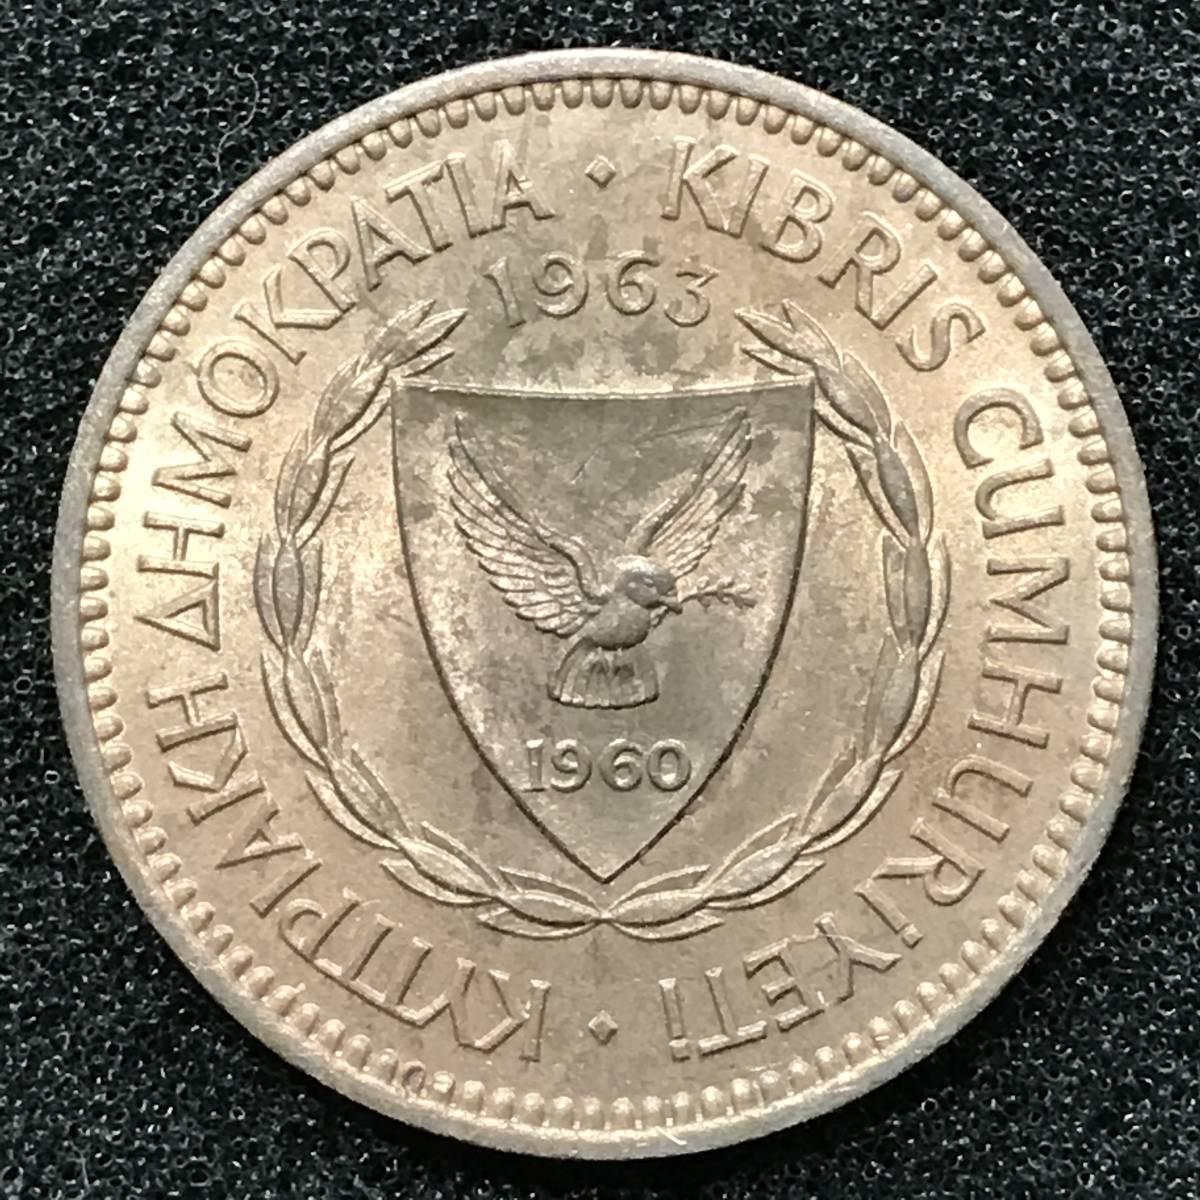 $0529 キプロス共和国 1963年 5ミル 26mm 船 コイン 硬貨 船